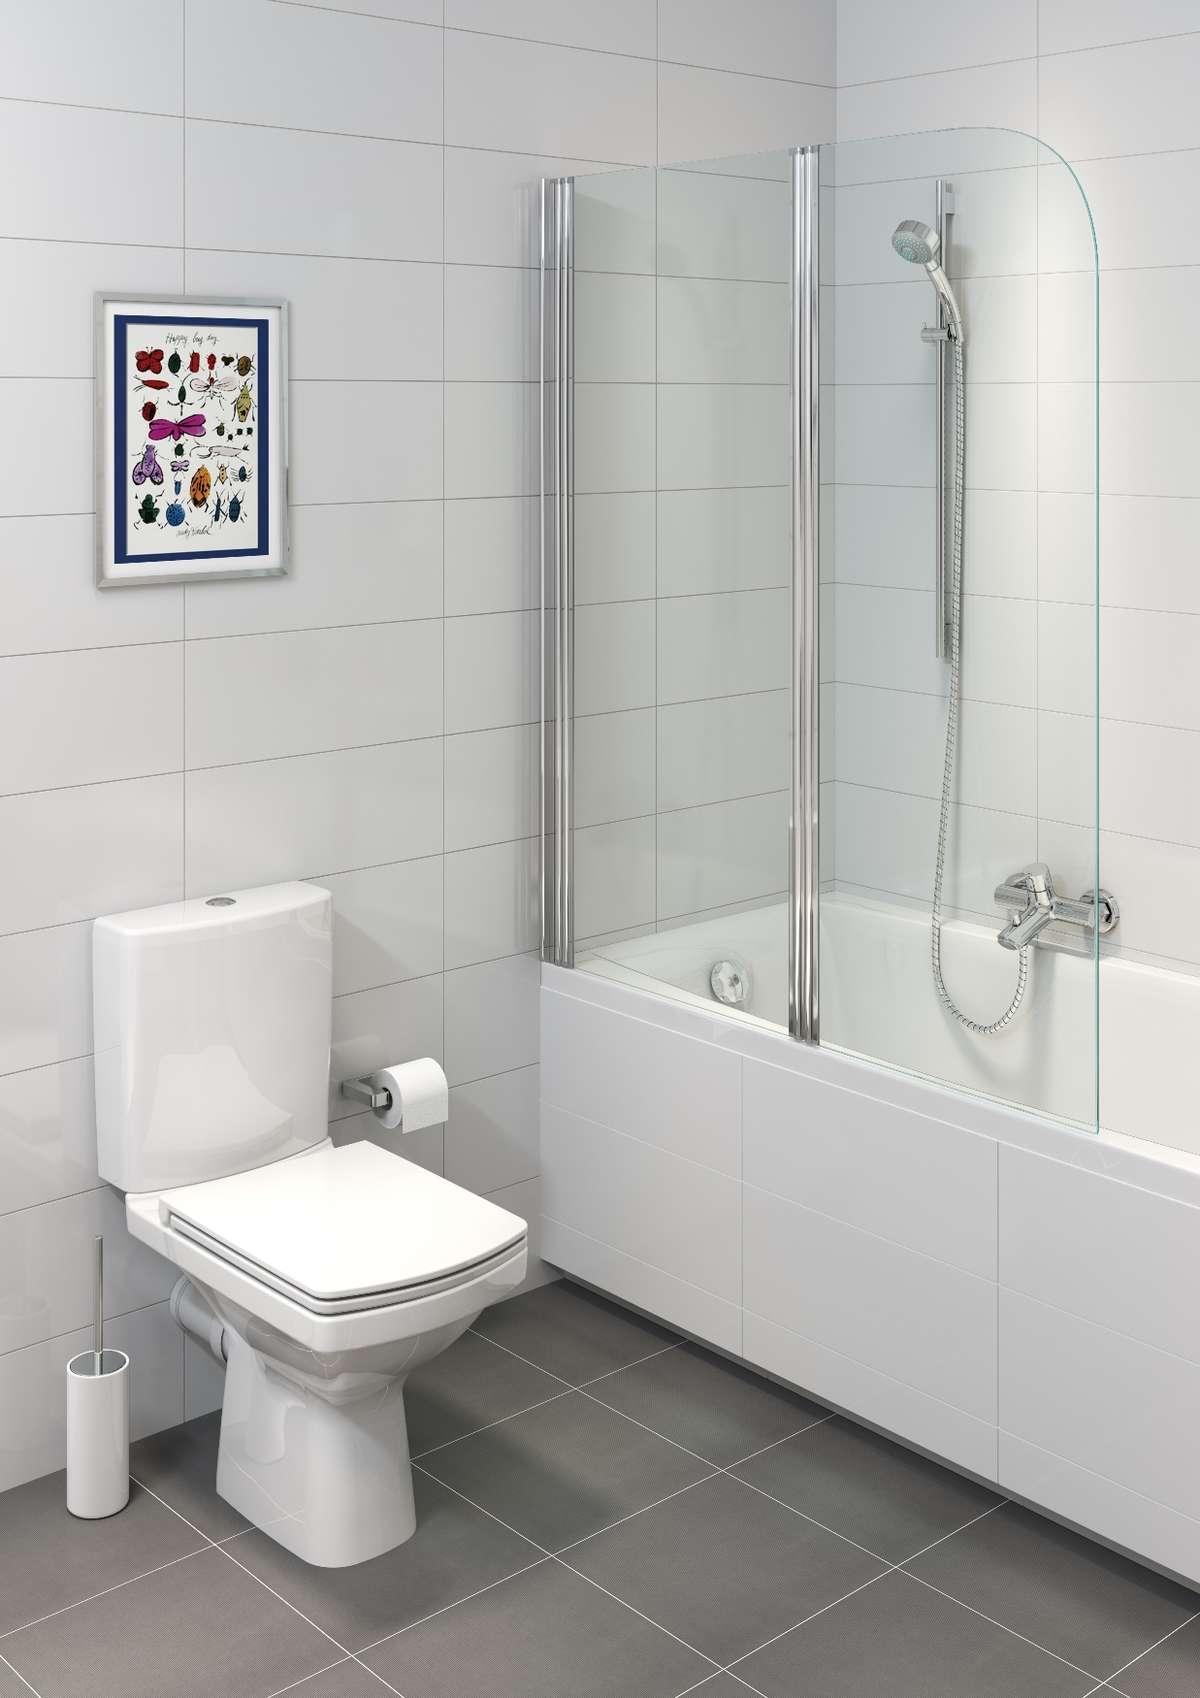 Po tym remoncie mała łazienka otrzyma dodatkową przestrzeń  - full image